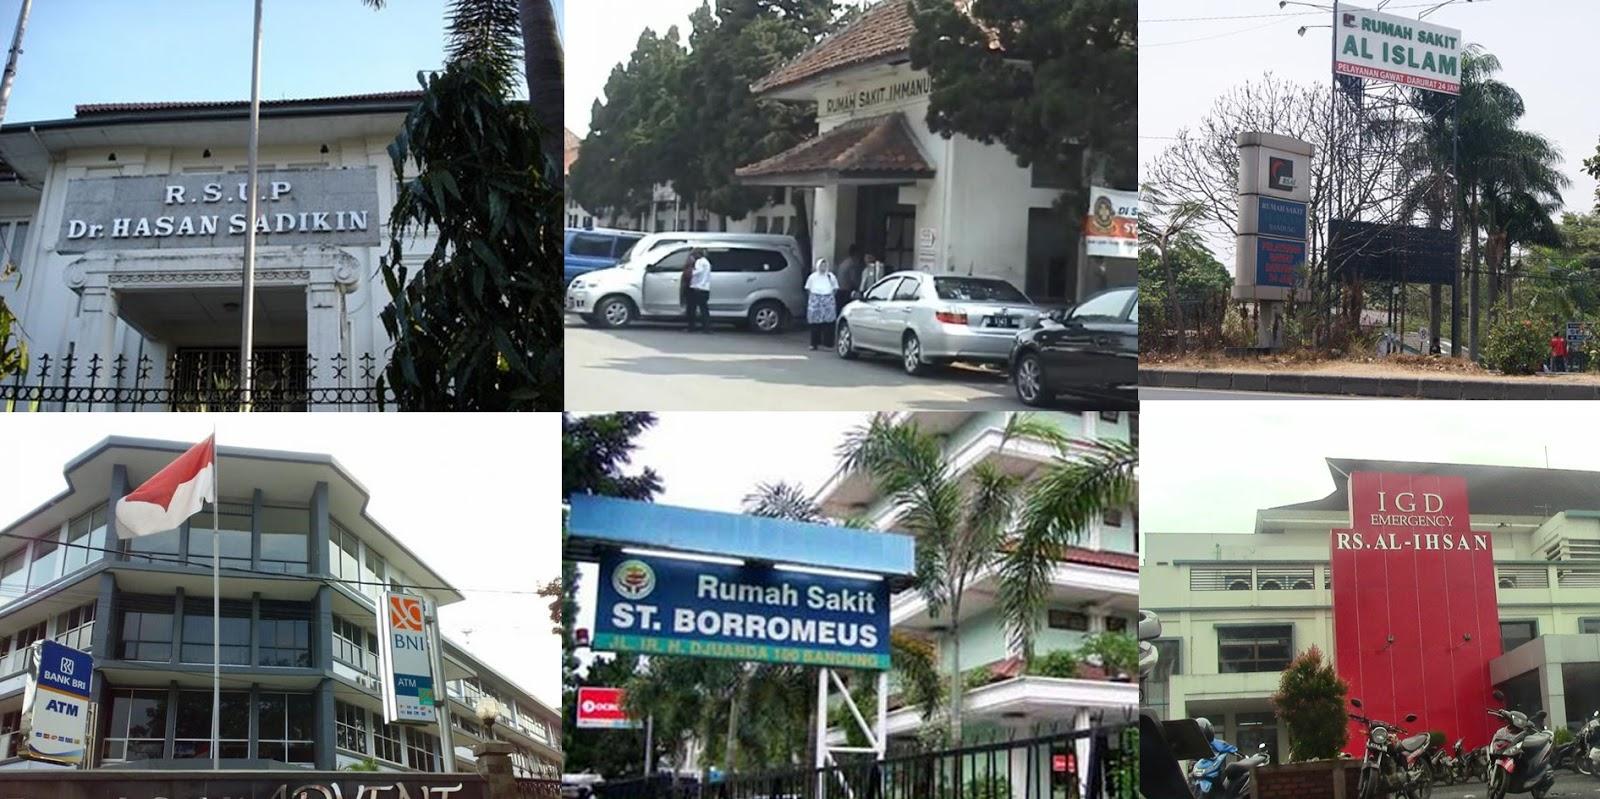 Alamat dan kontak Rumah Sakit di Bandung